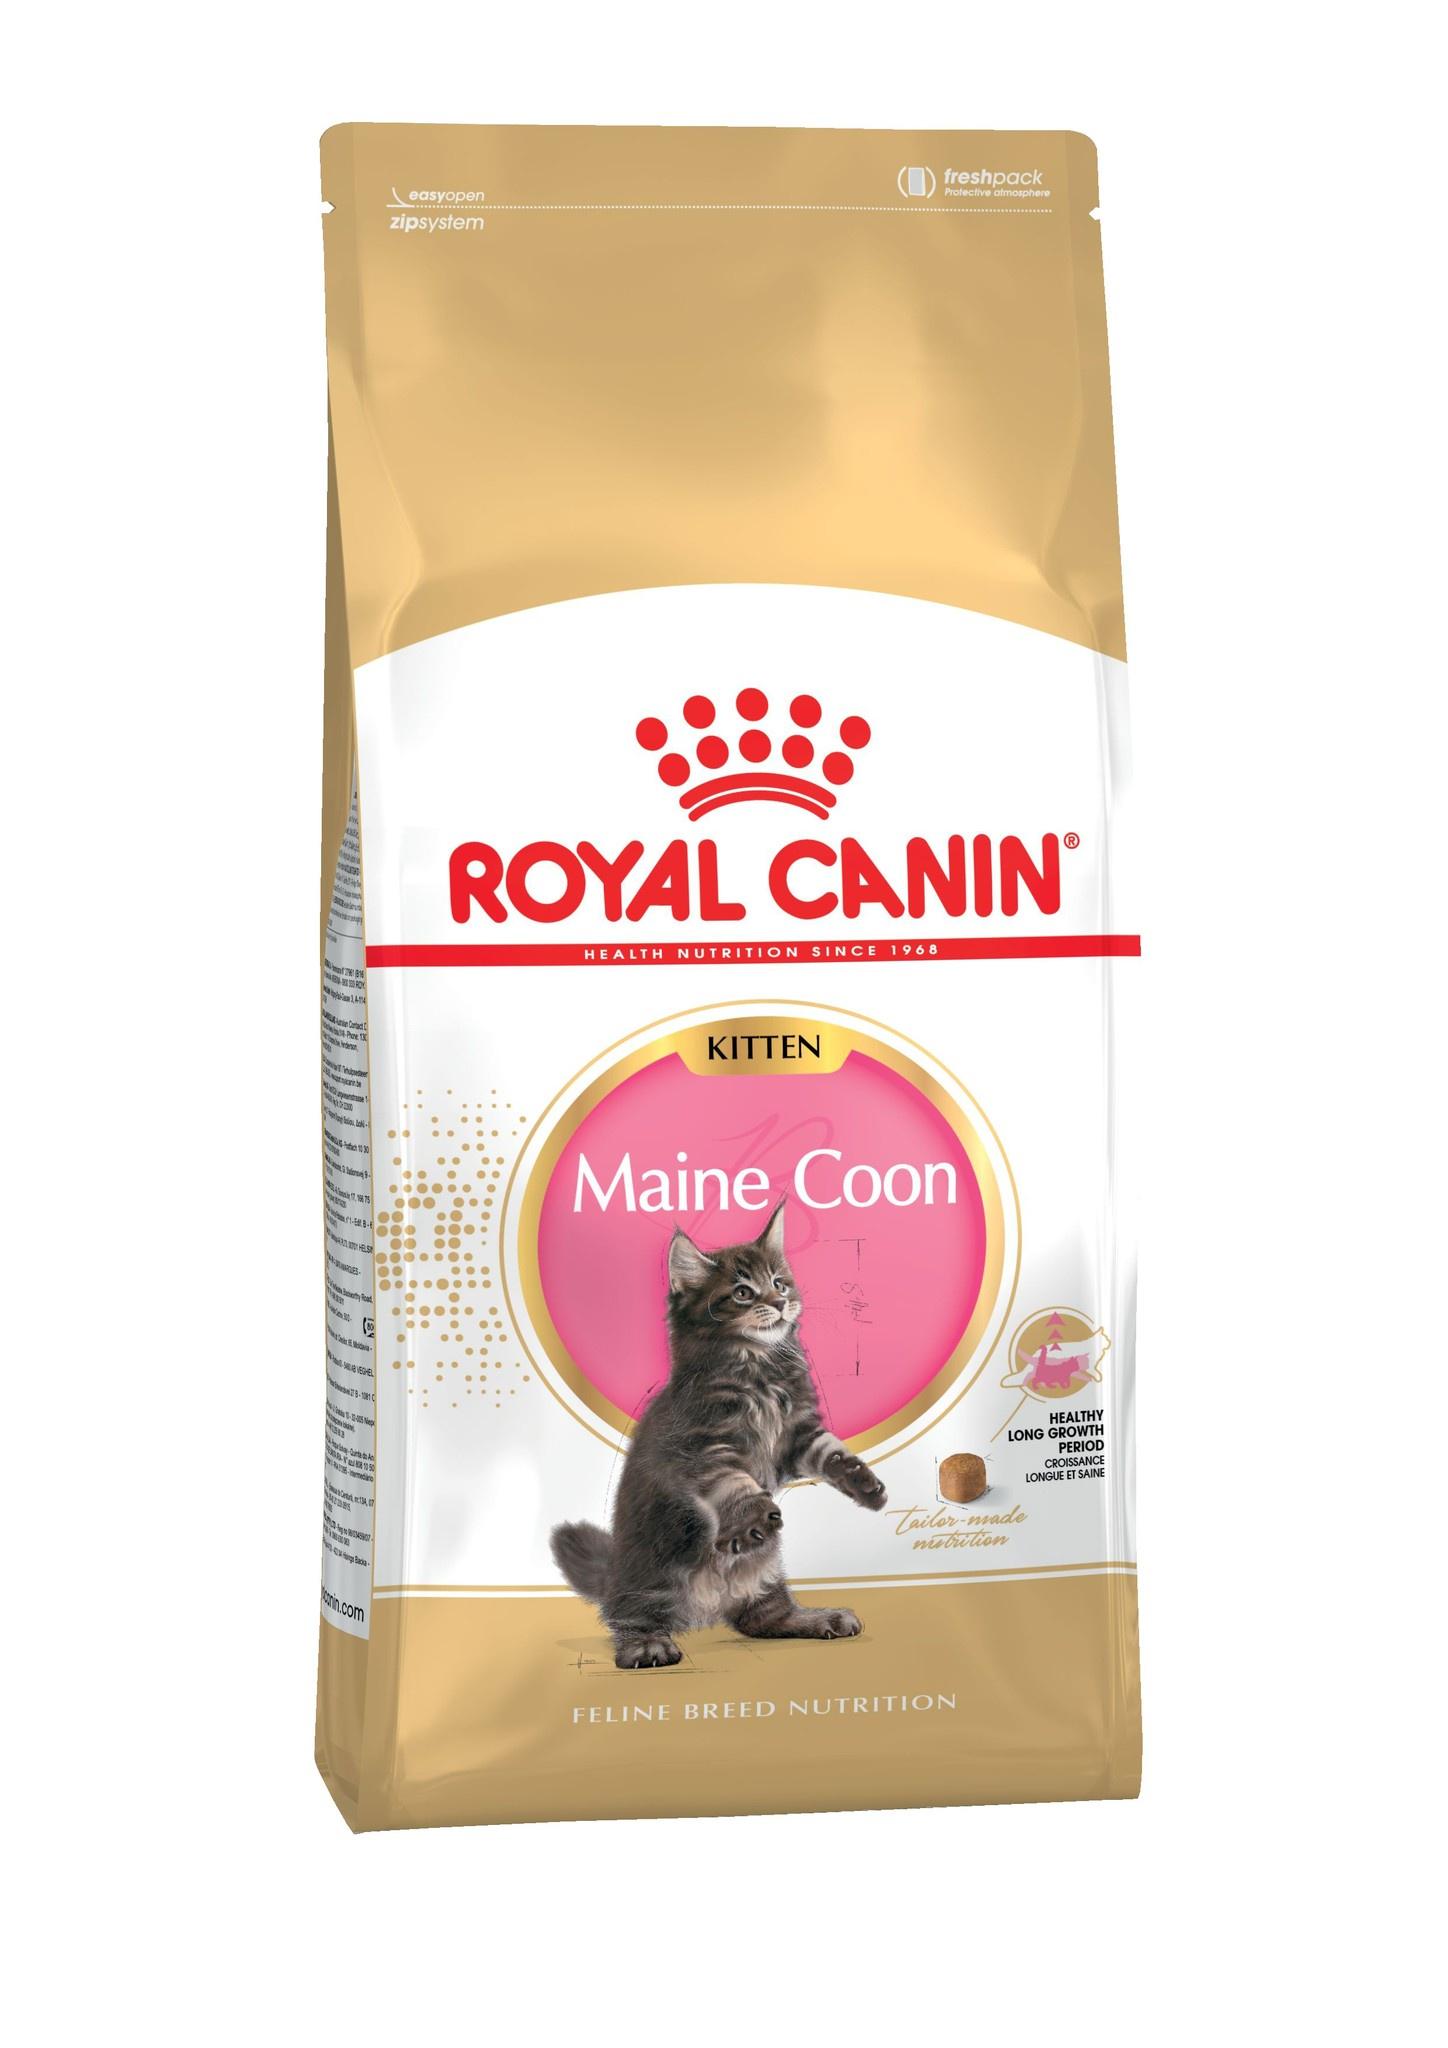 Royal Canin корм для котят породы Мейн Кун и других крупных пород (4 кг) корм для кошек взрослых породы мейн кун соус 12х0 085 кг